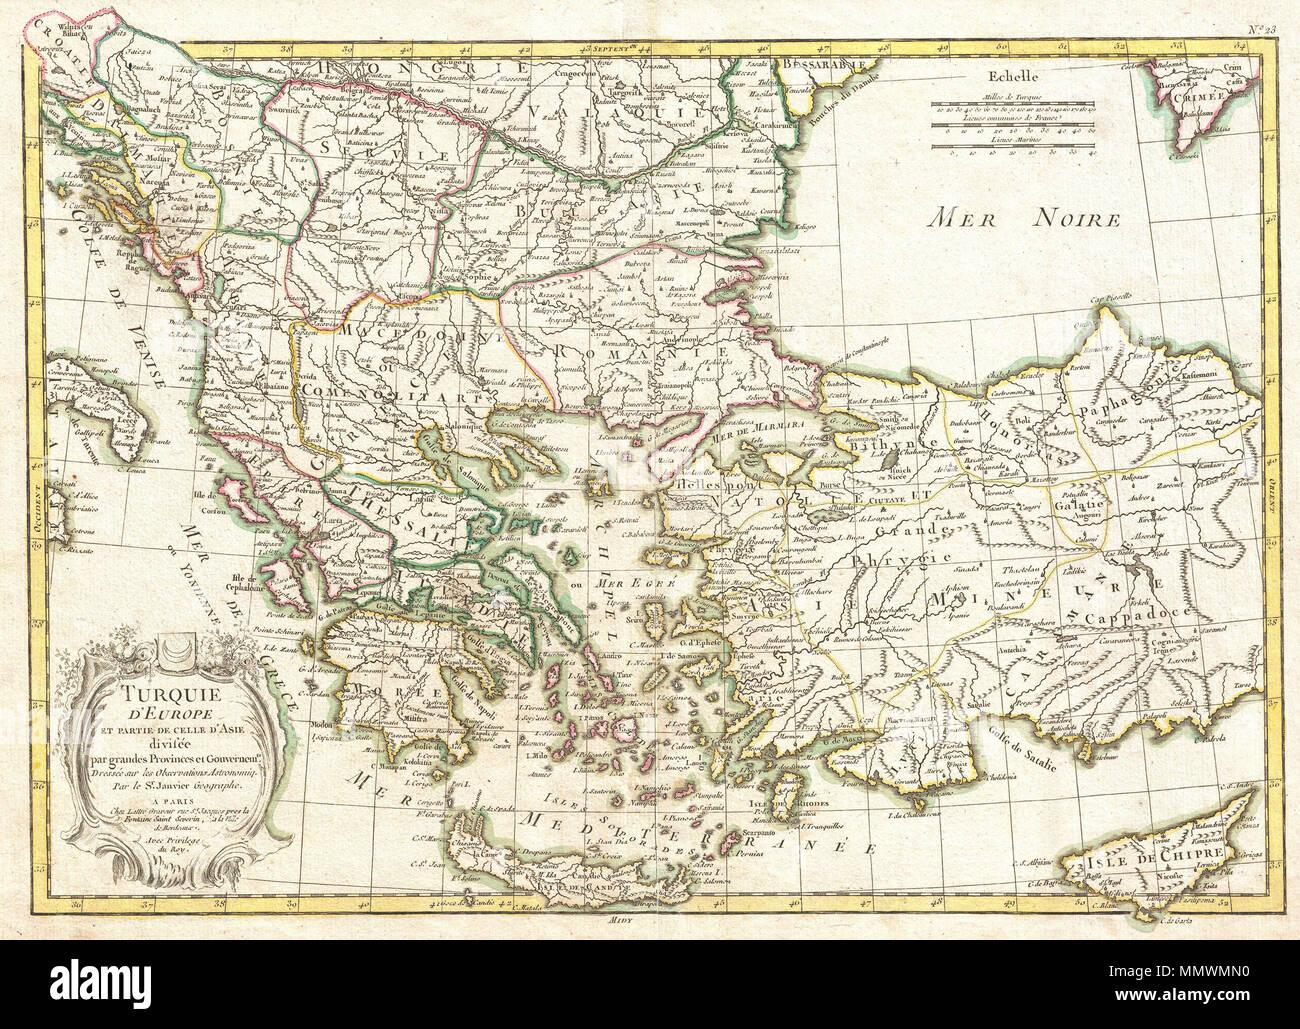 Karte Türkei Kappadokien.Englisch Ein Schönes Beispiel Für Die Janvier 1771 Dekorative Karte